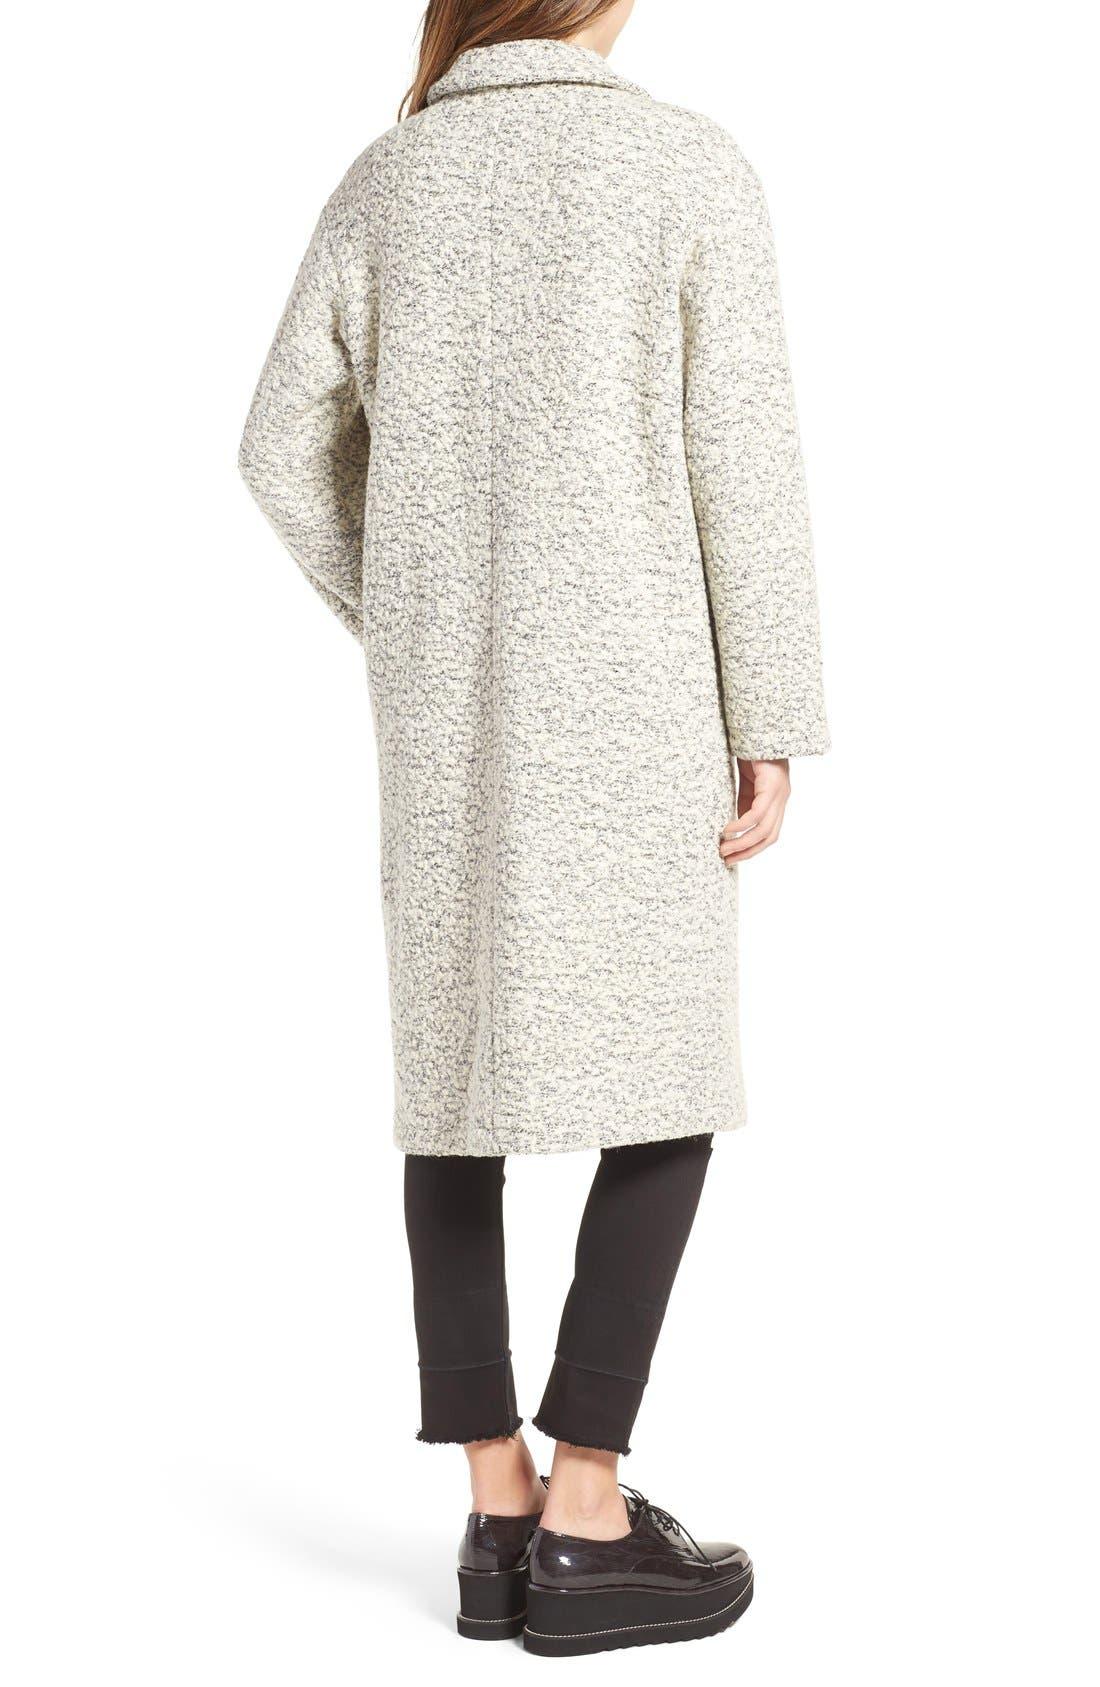 Alternate Image 3  - Glamorous Marled Dress Coat